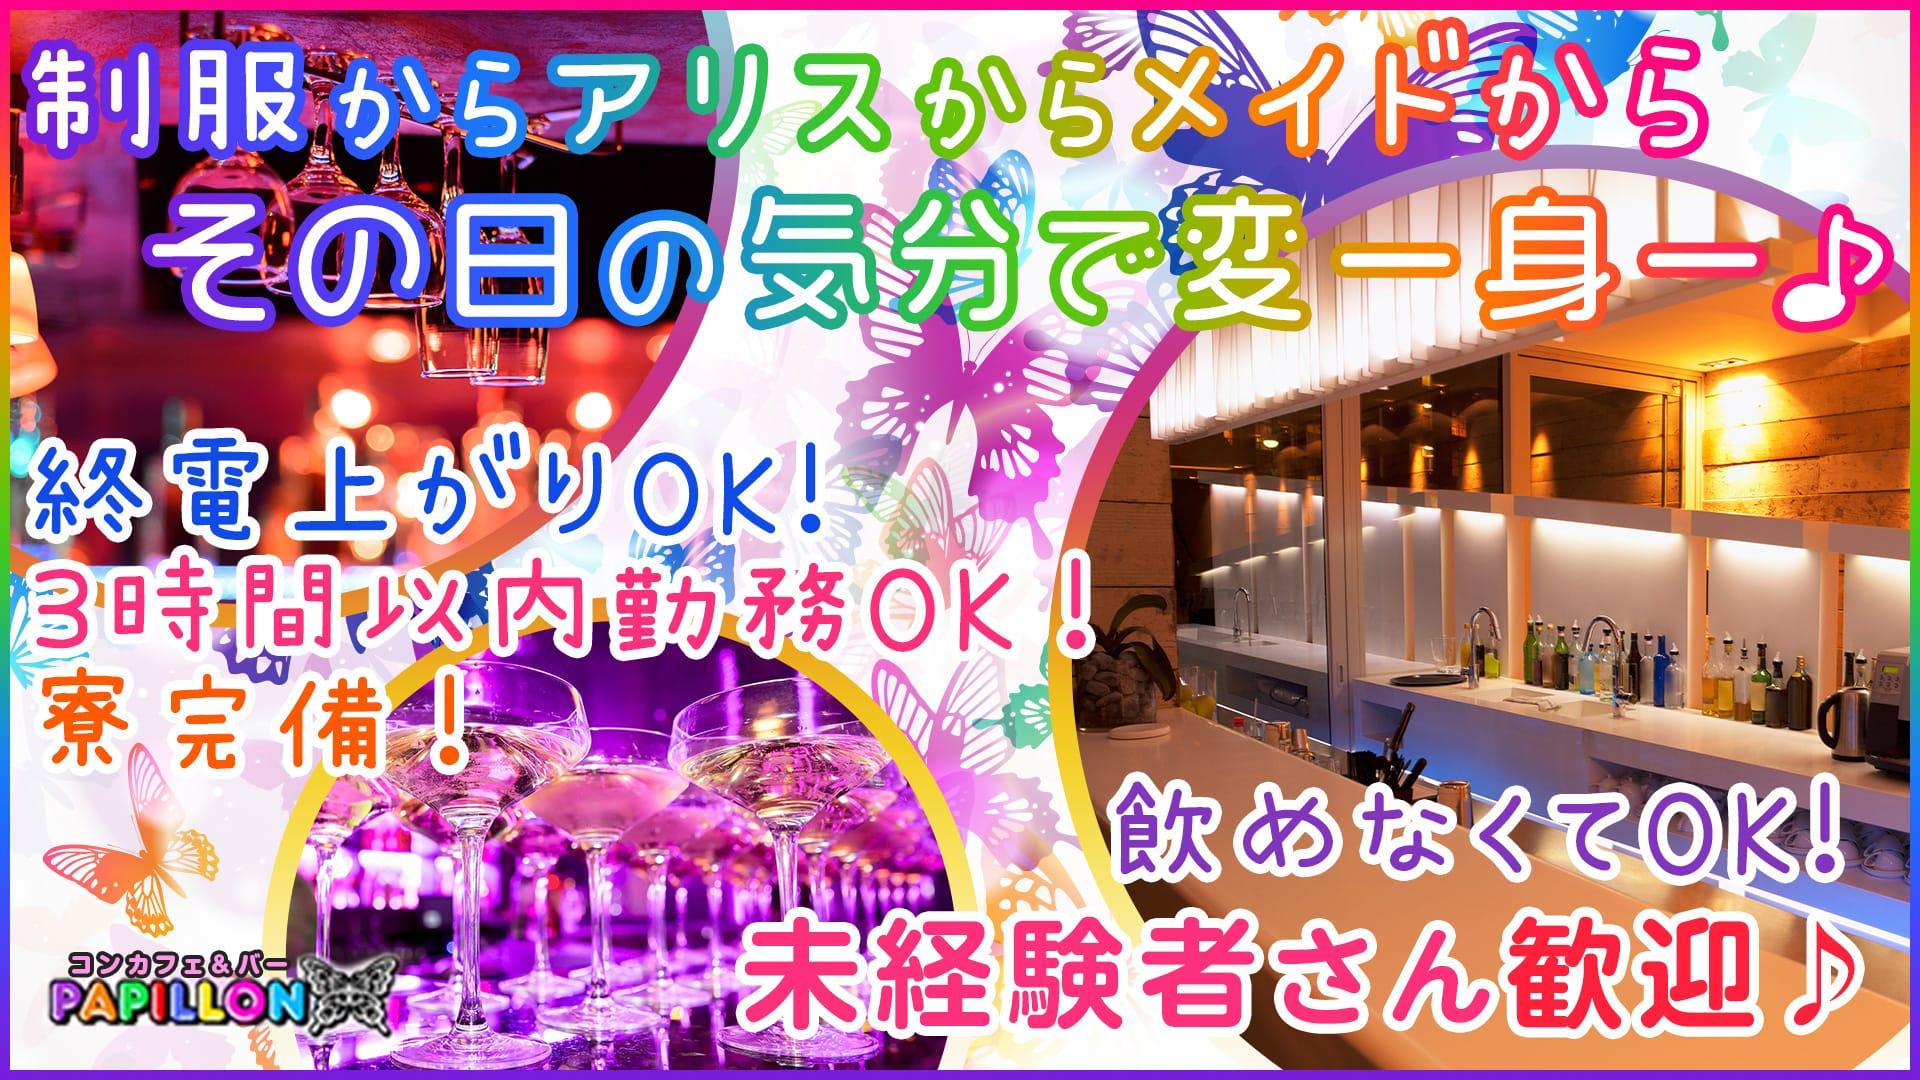 コンカフェ&バー  パピヨン 錦糸町ガールズバー TOP画像